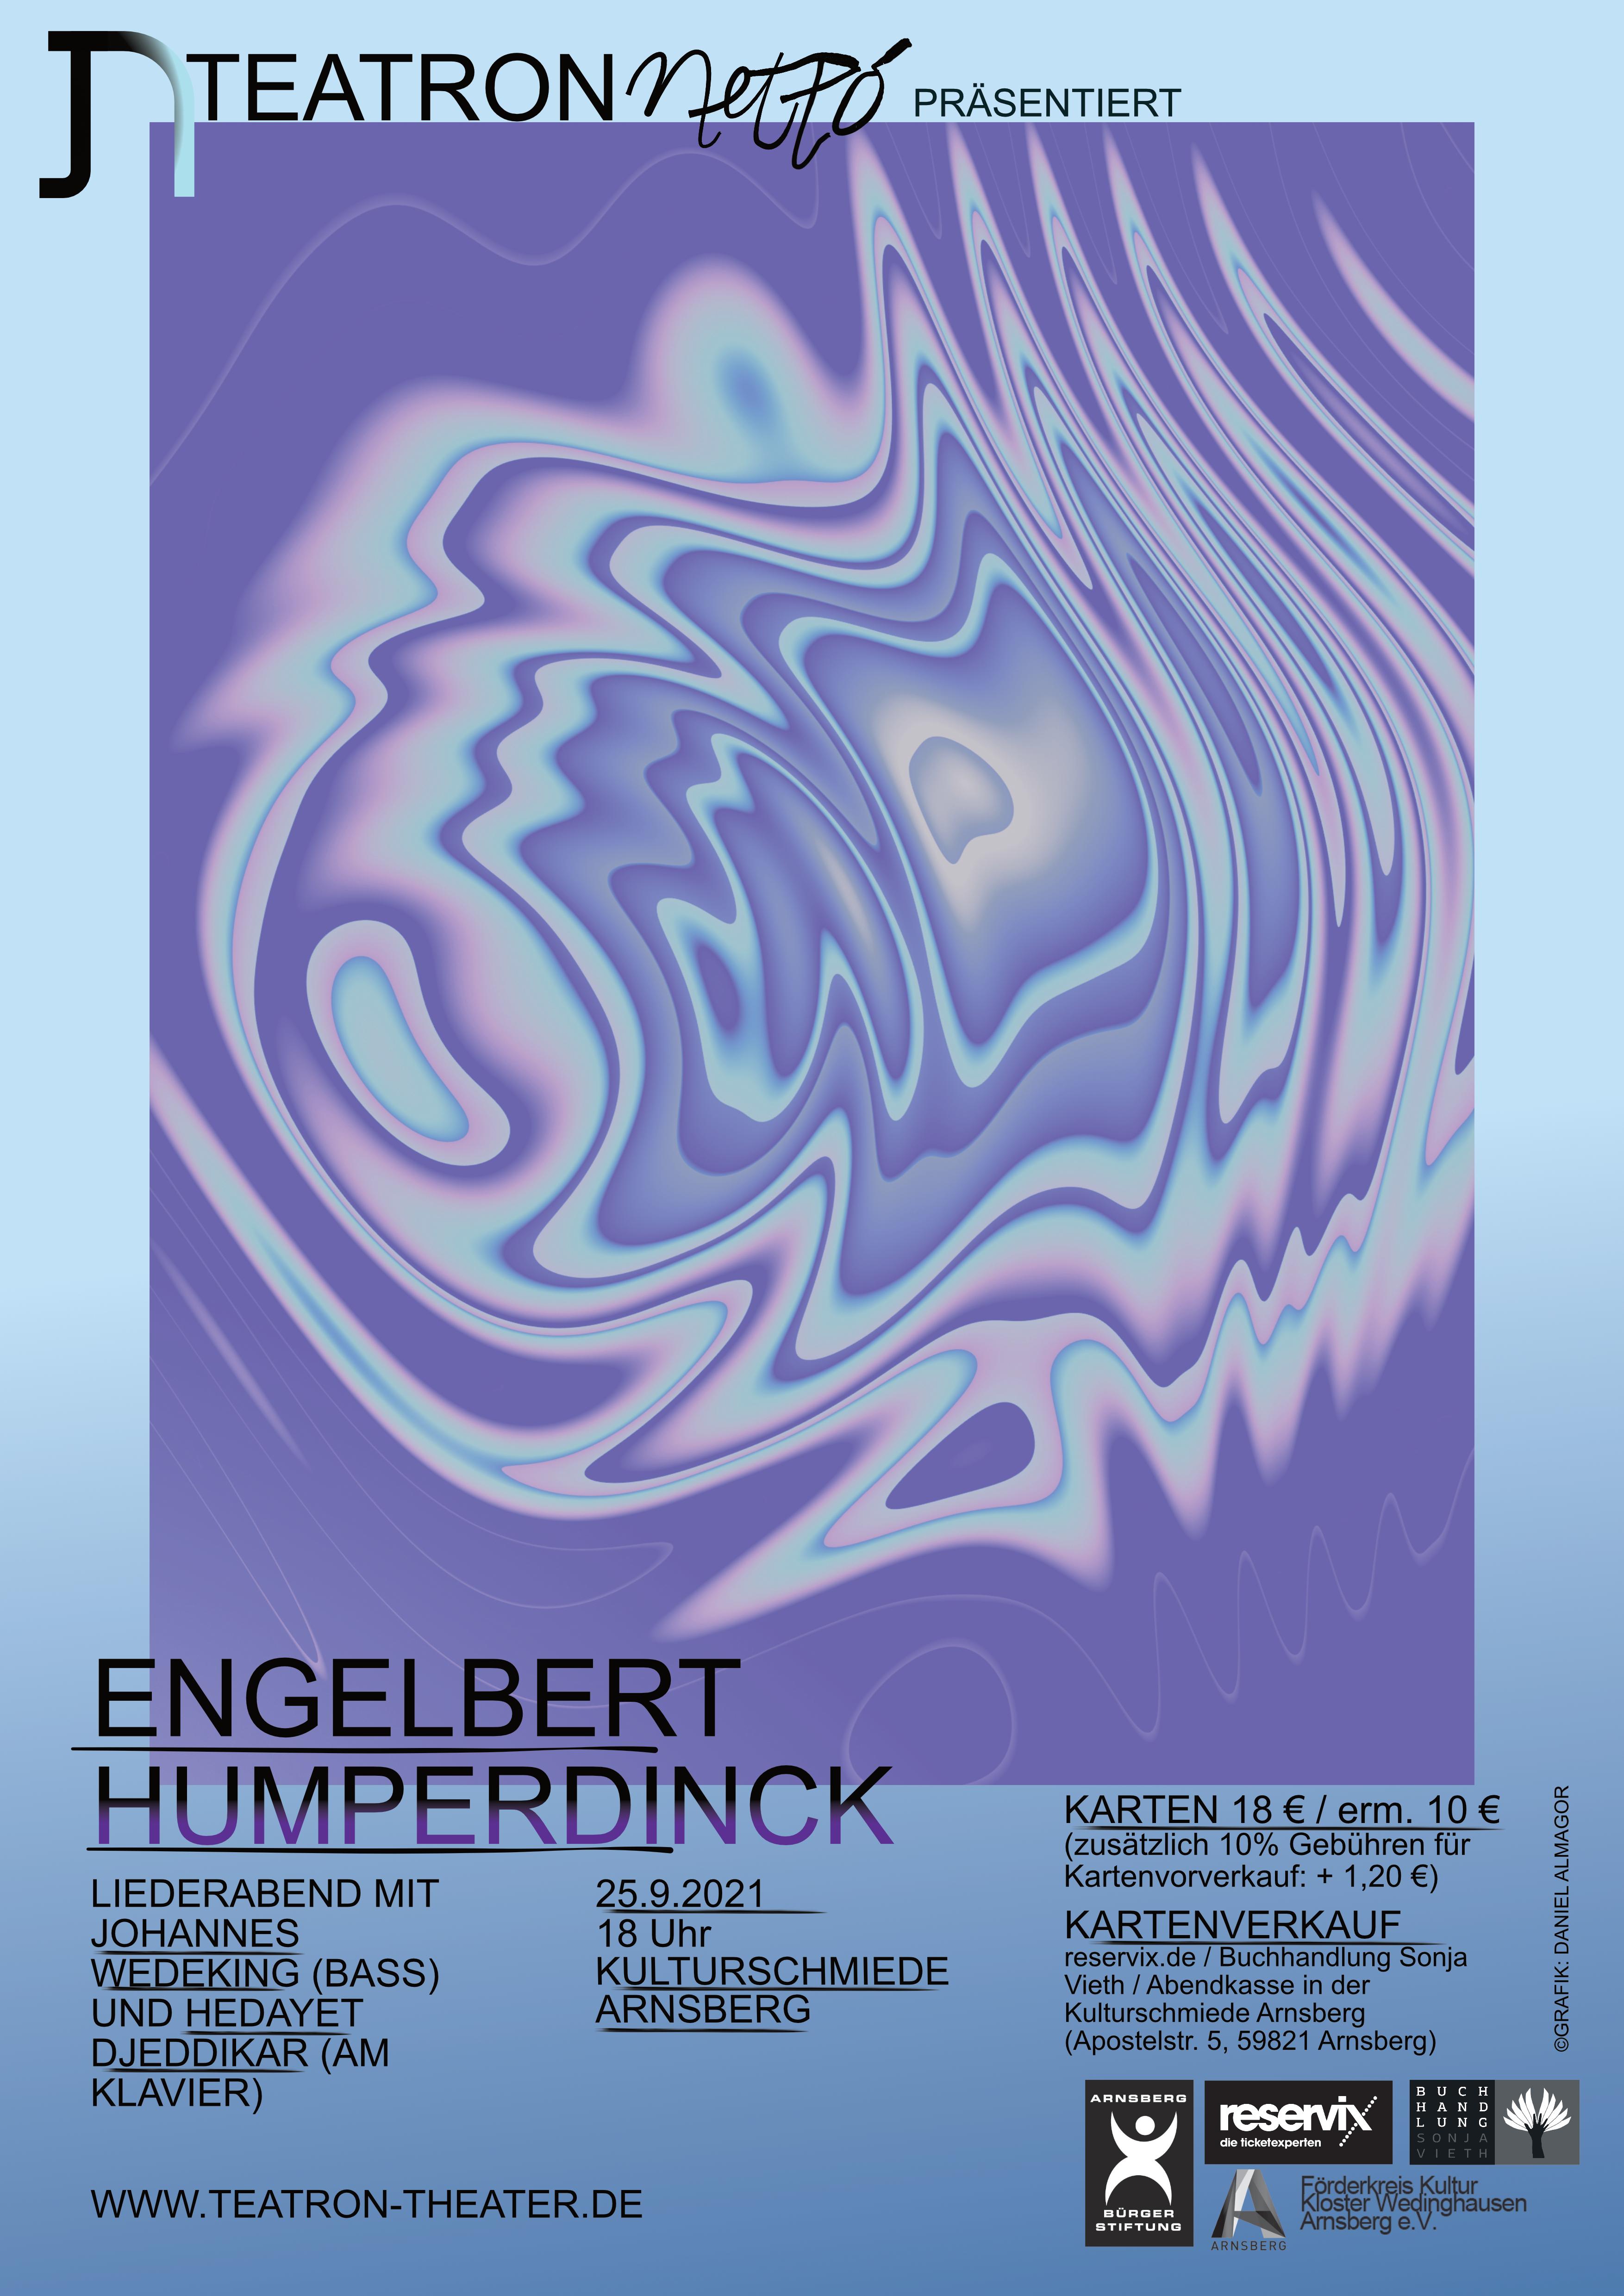 Humperdinck